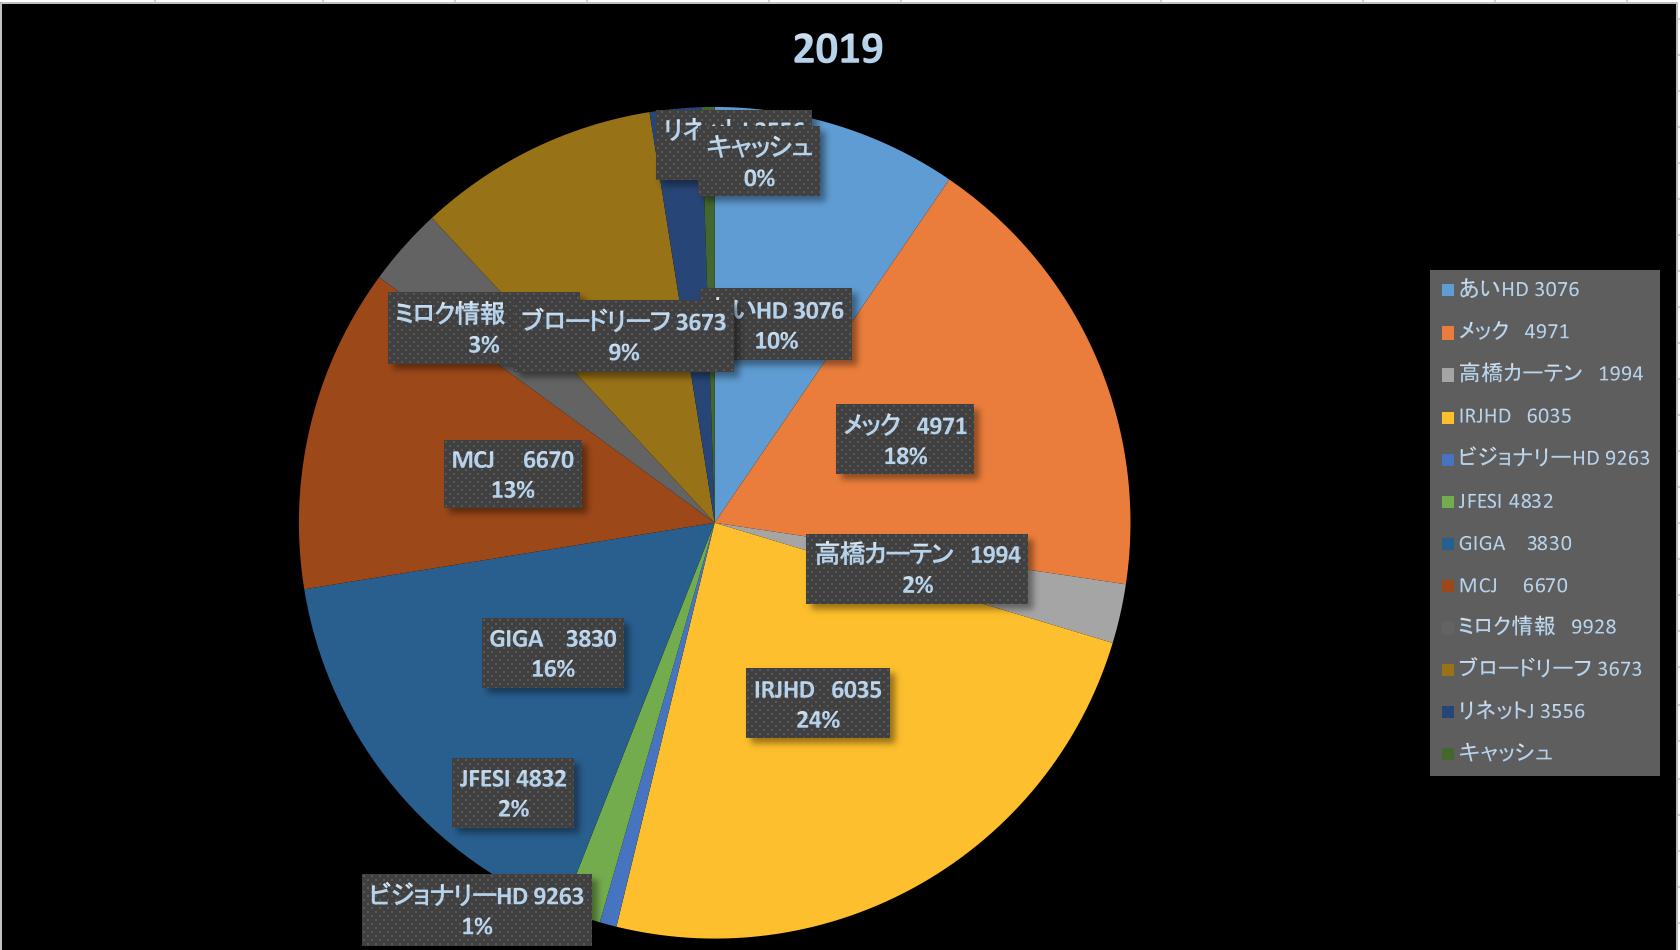 基本ストーリーの把握とデッドラインを引くこと(株式投資成績報告2019/10/13)